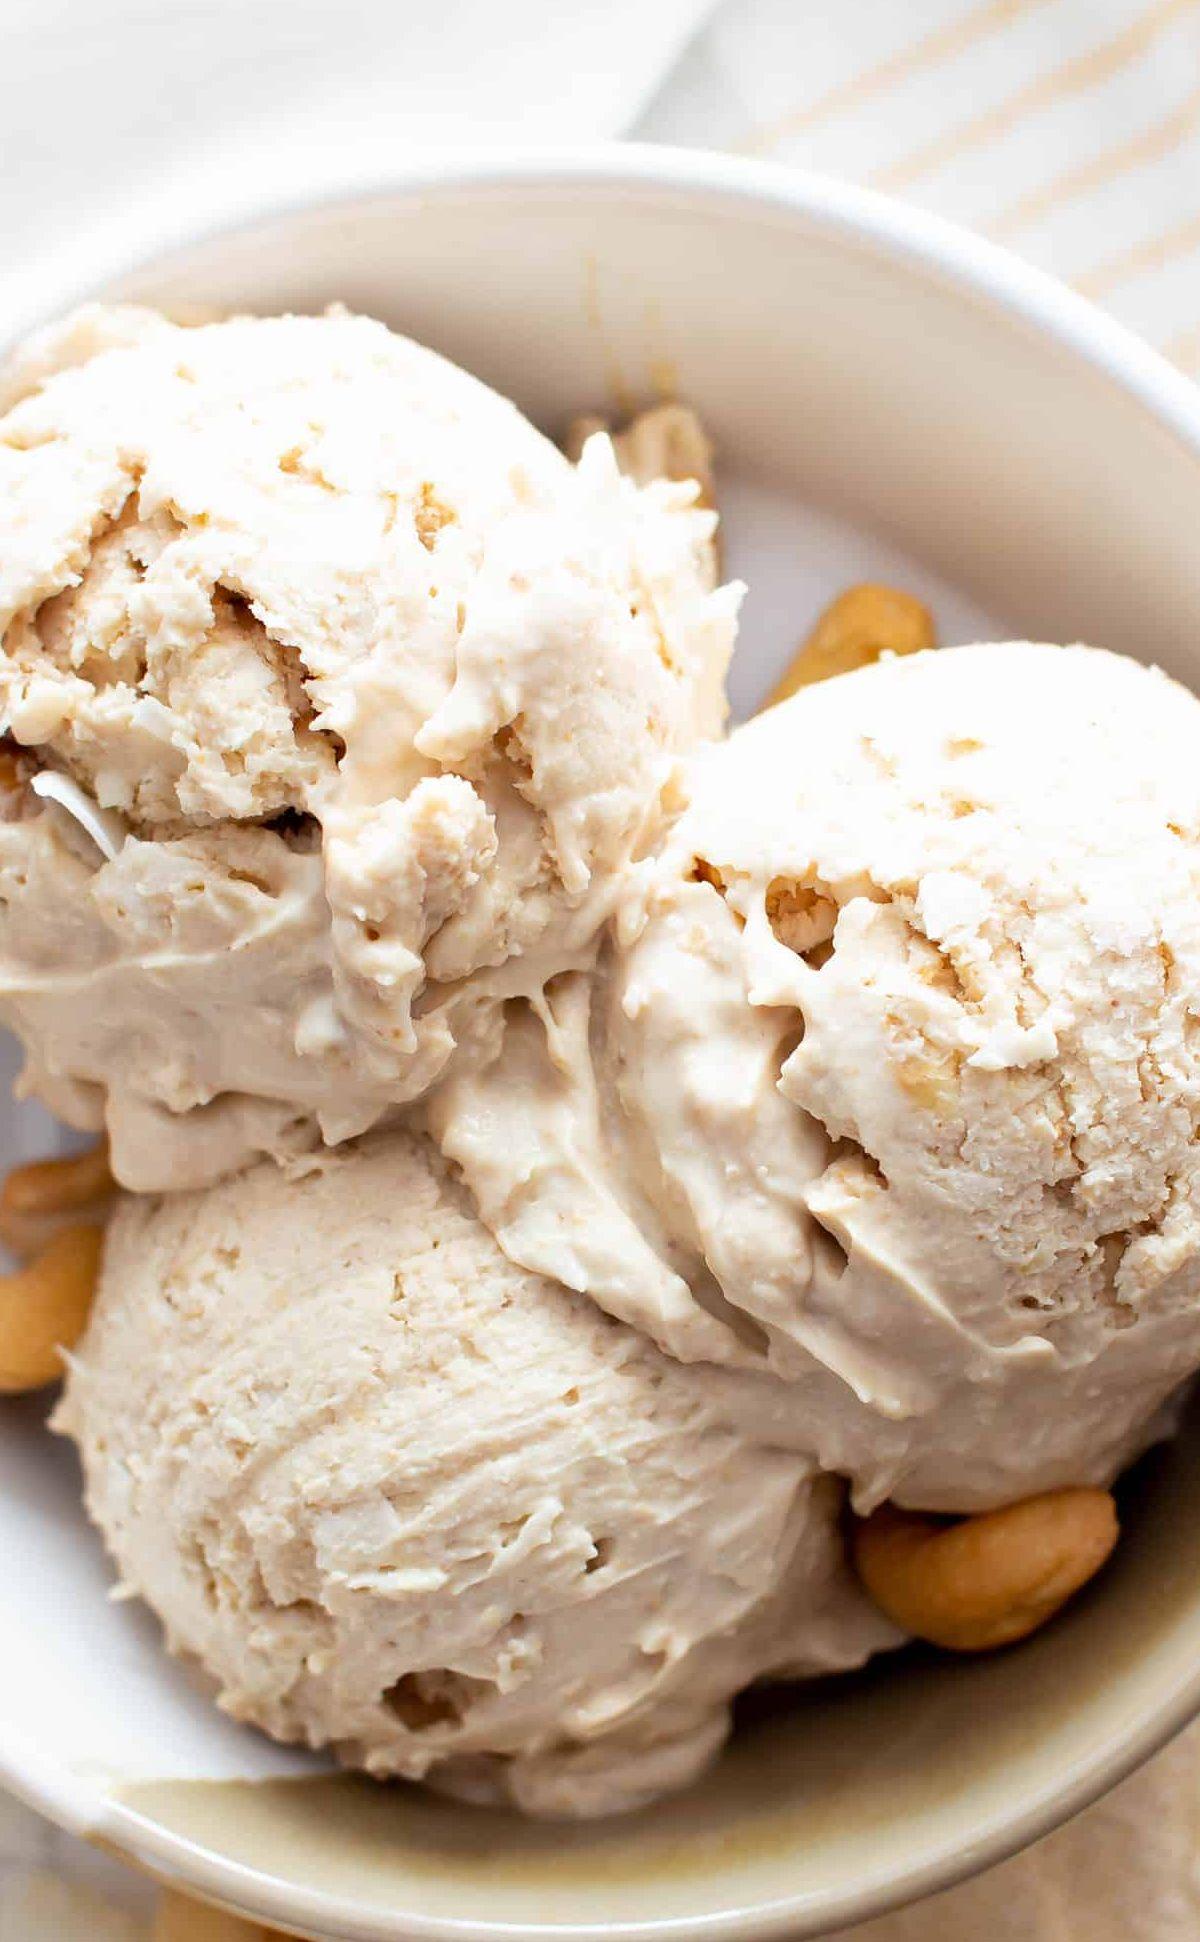 3+1 συνταγές για το πιο εύκολο και υγιεινό σπιτικό παγωτό για τροπική απόλαυση!